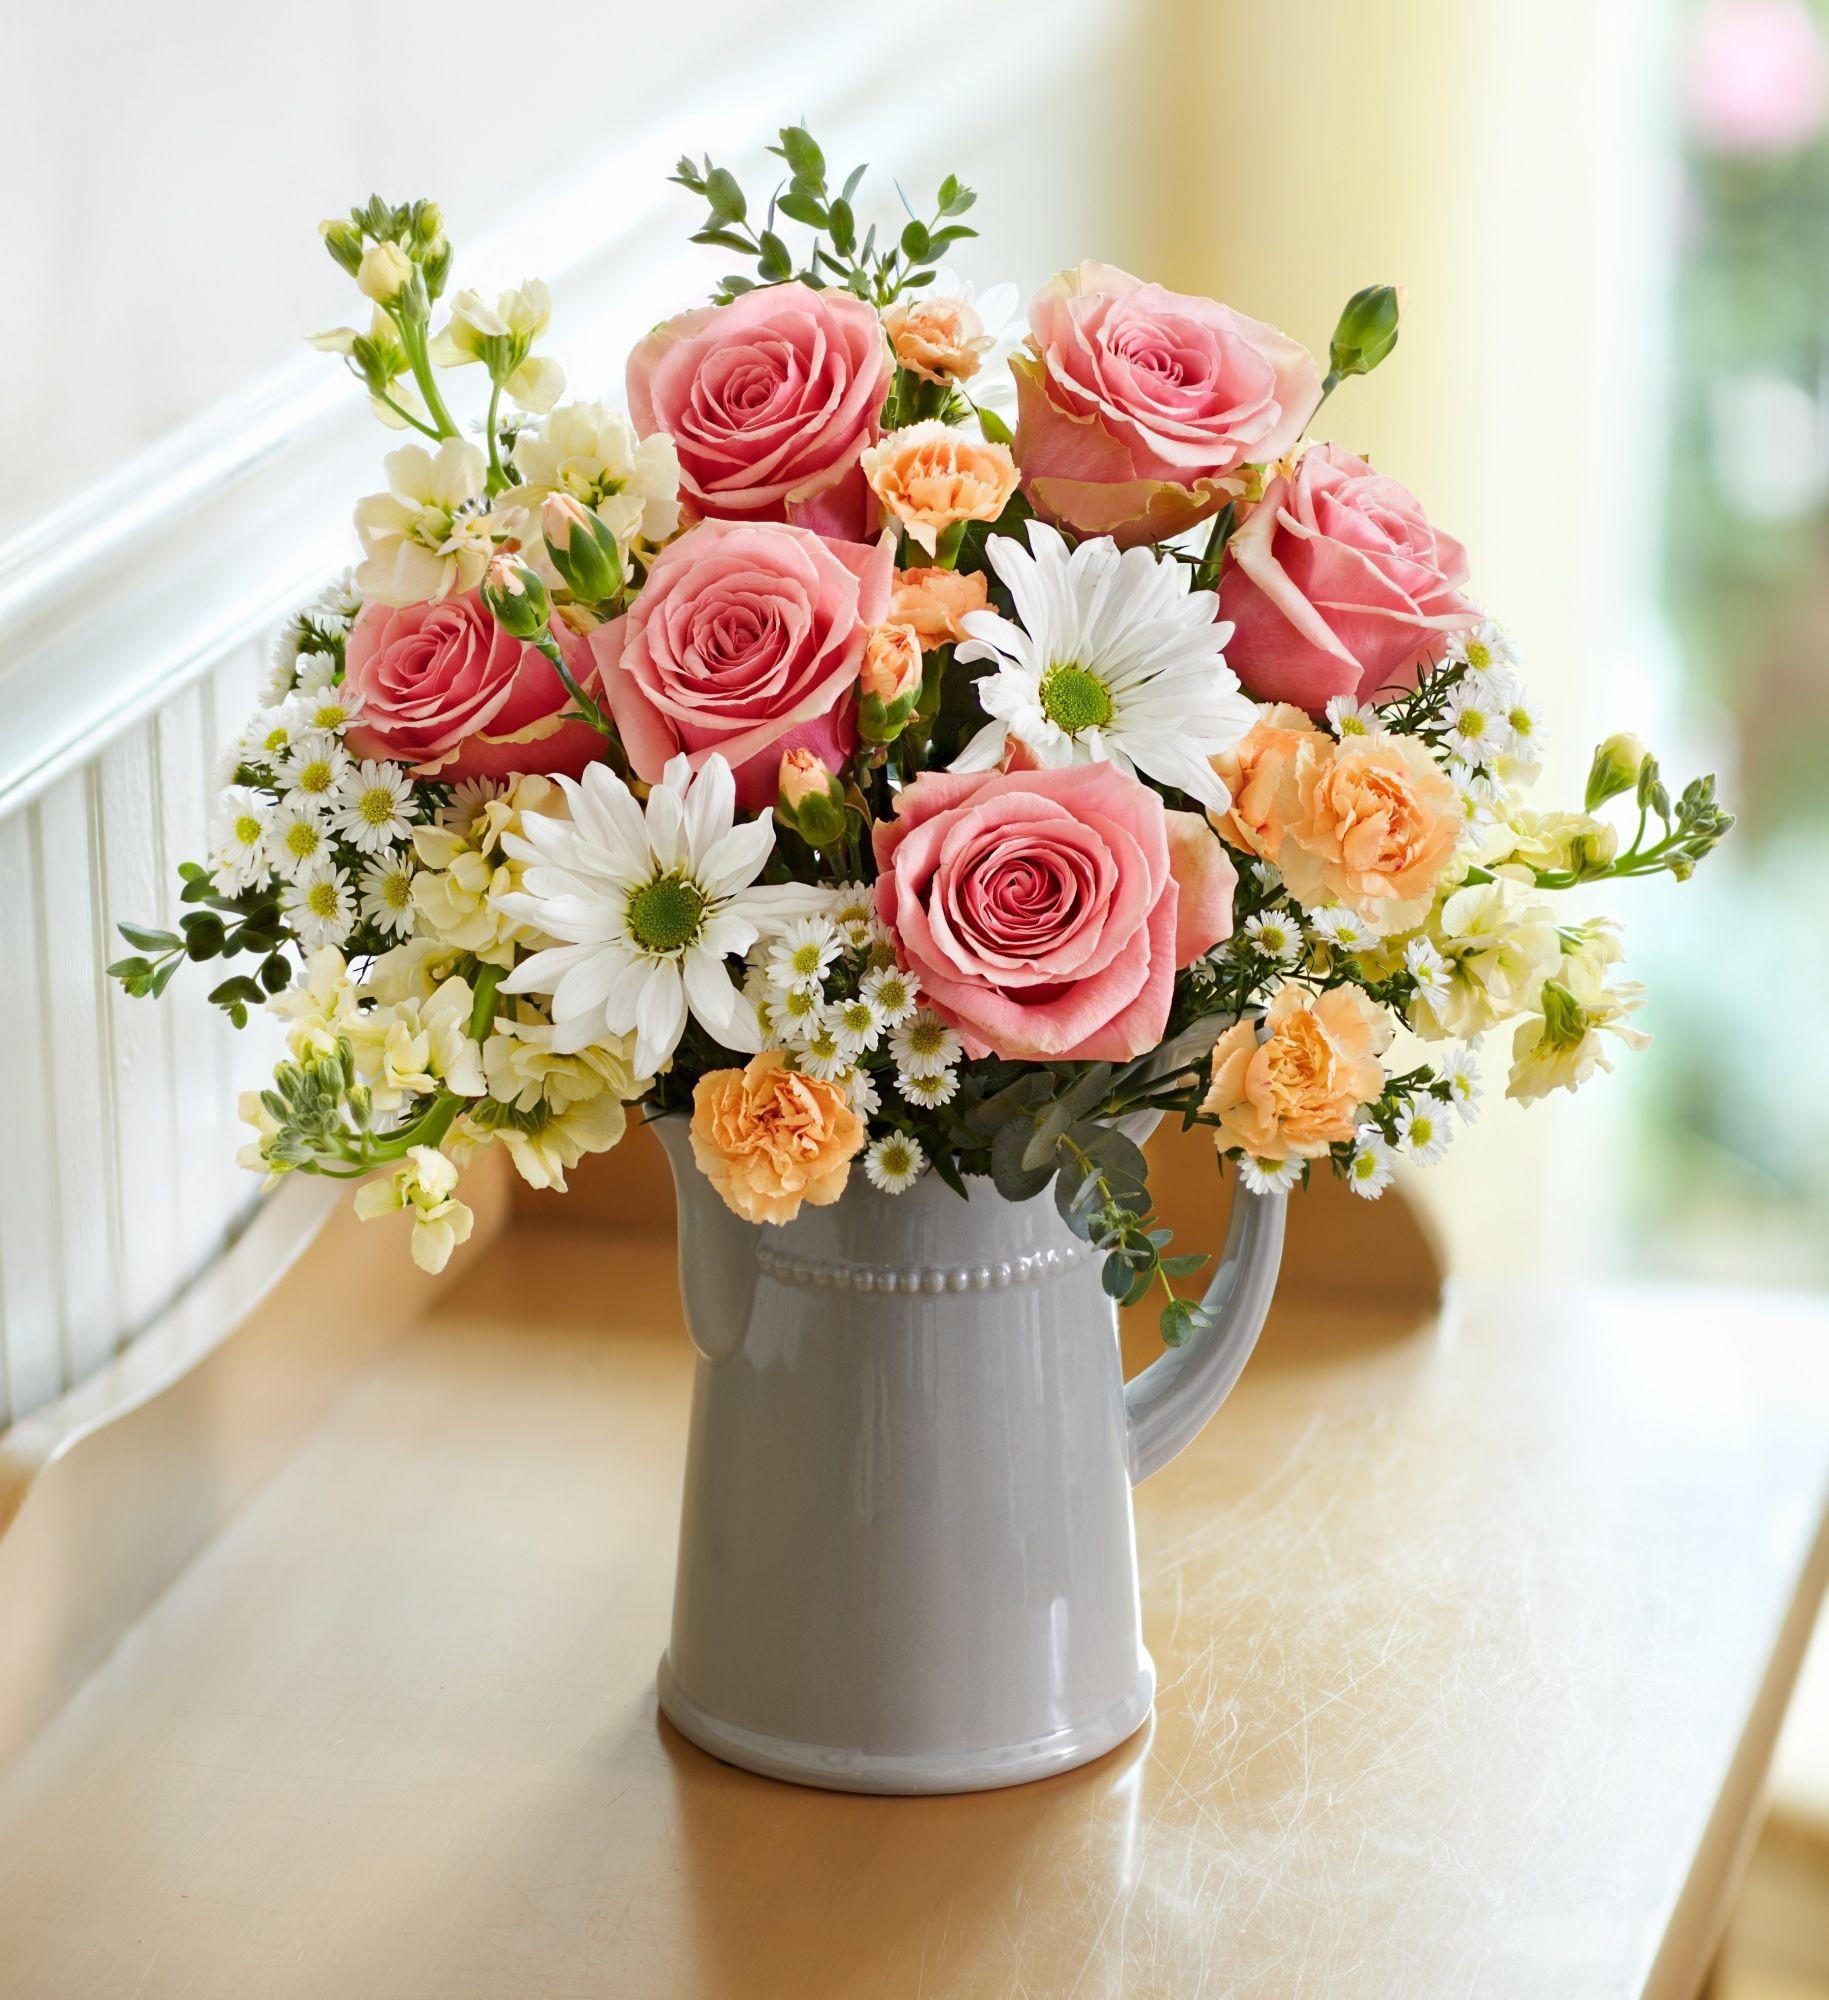 Flower Delivery atlanta Elegant 12 Beautiful Flower Bouquets 12 Gyönyörű Virágcsokor Megaport